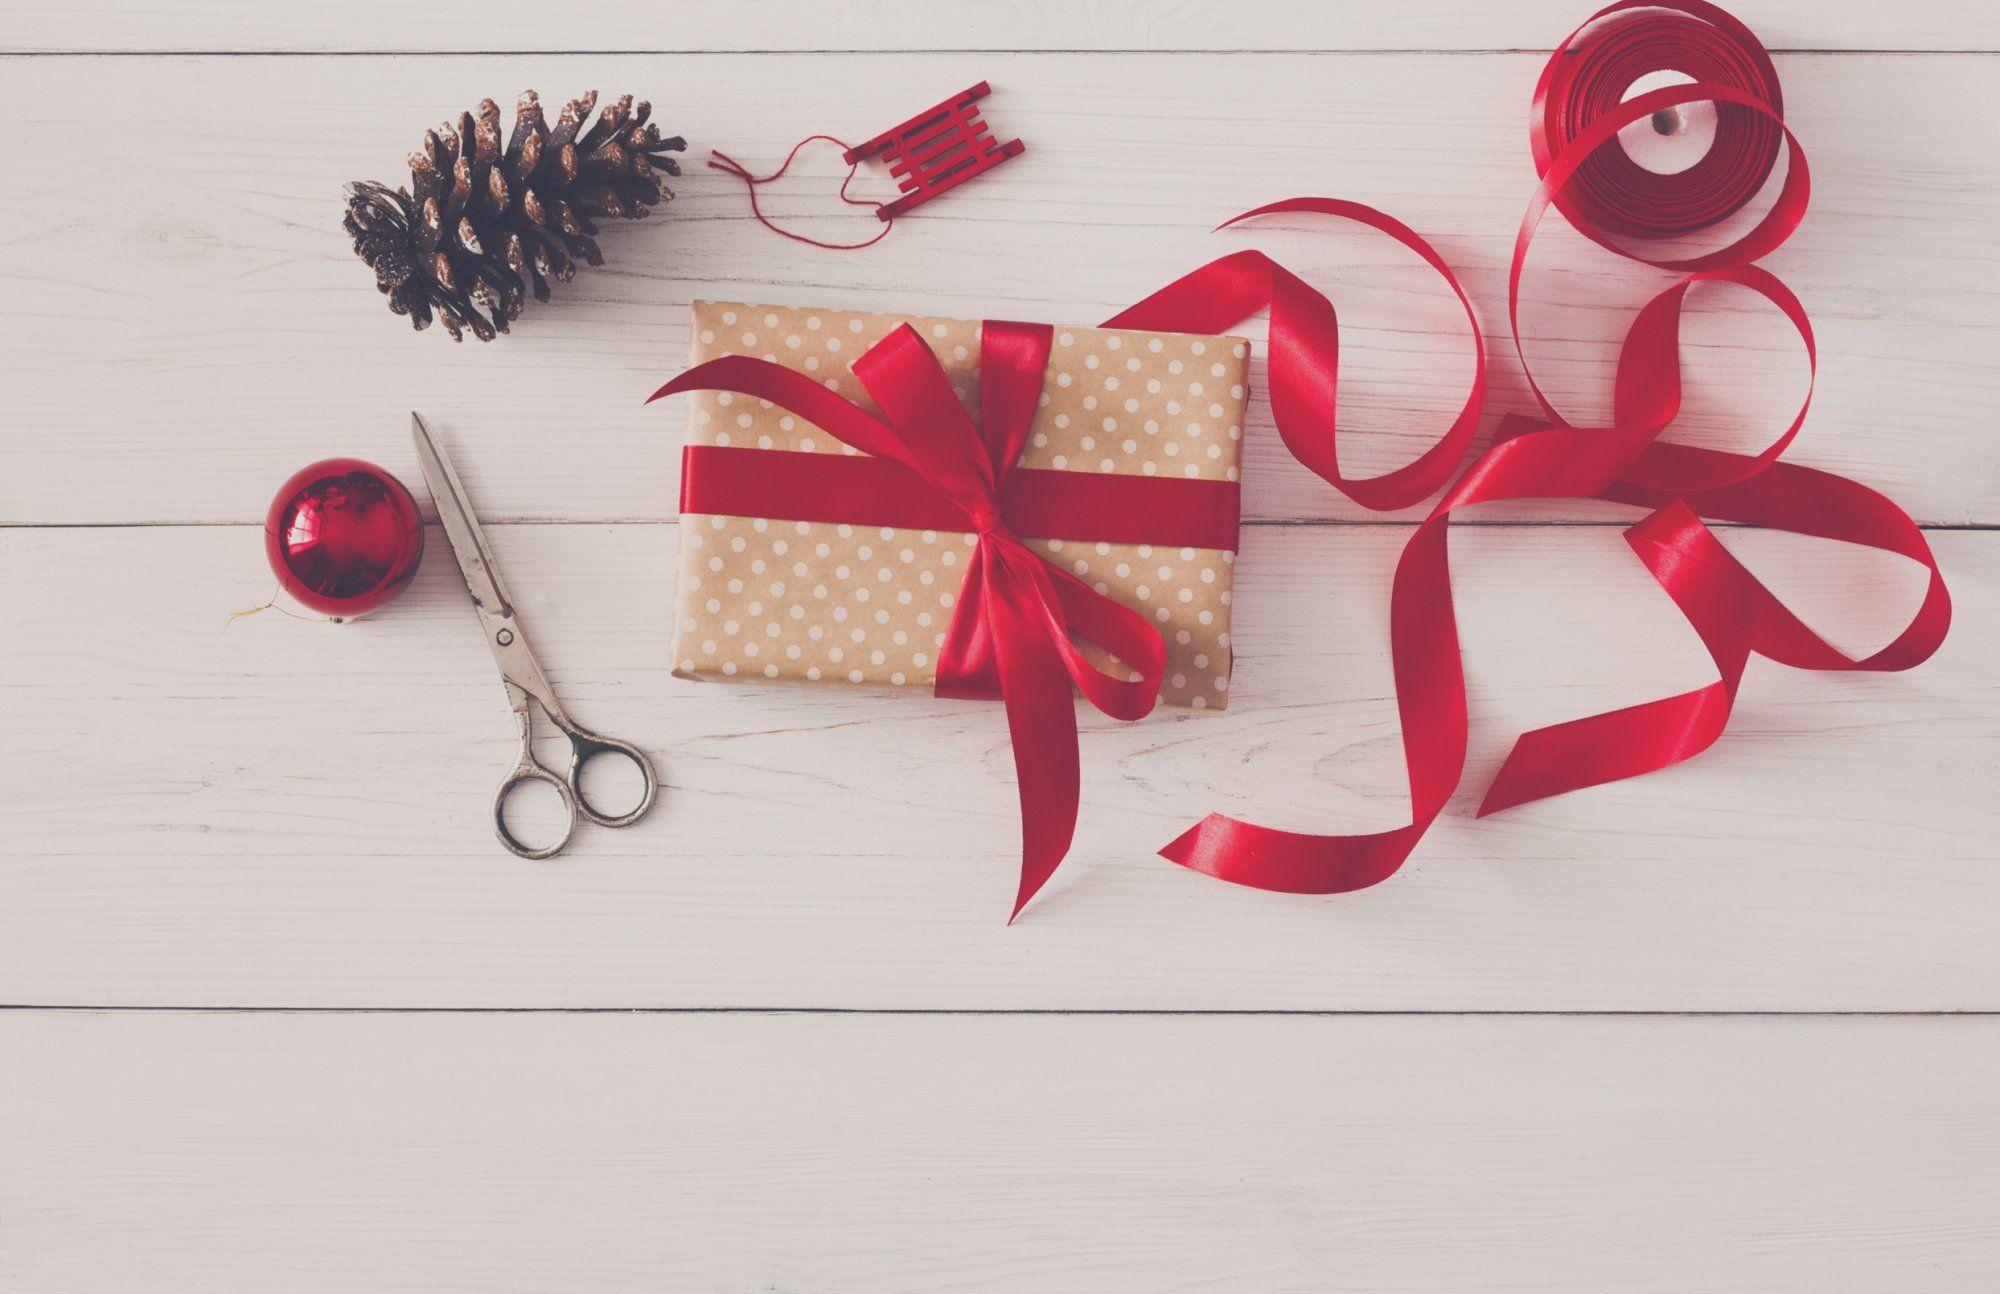 15 Idees De Cadeaux Deco Pour Noel Avec Images Cadeau Deco